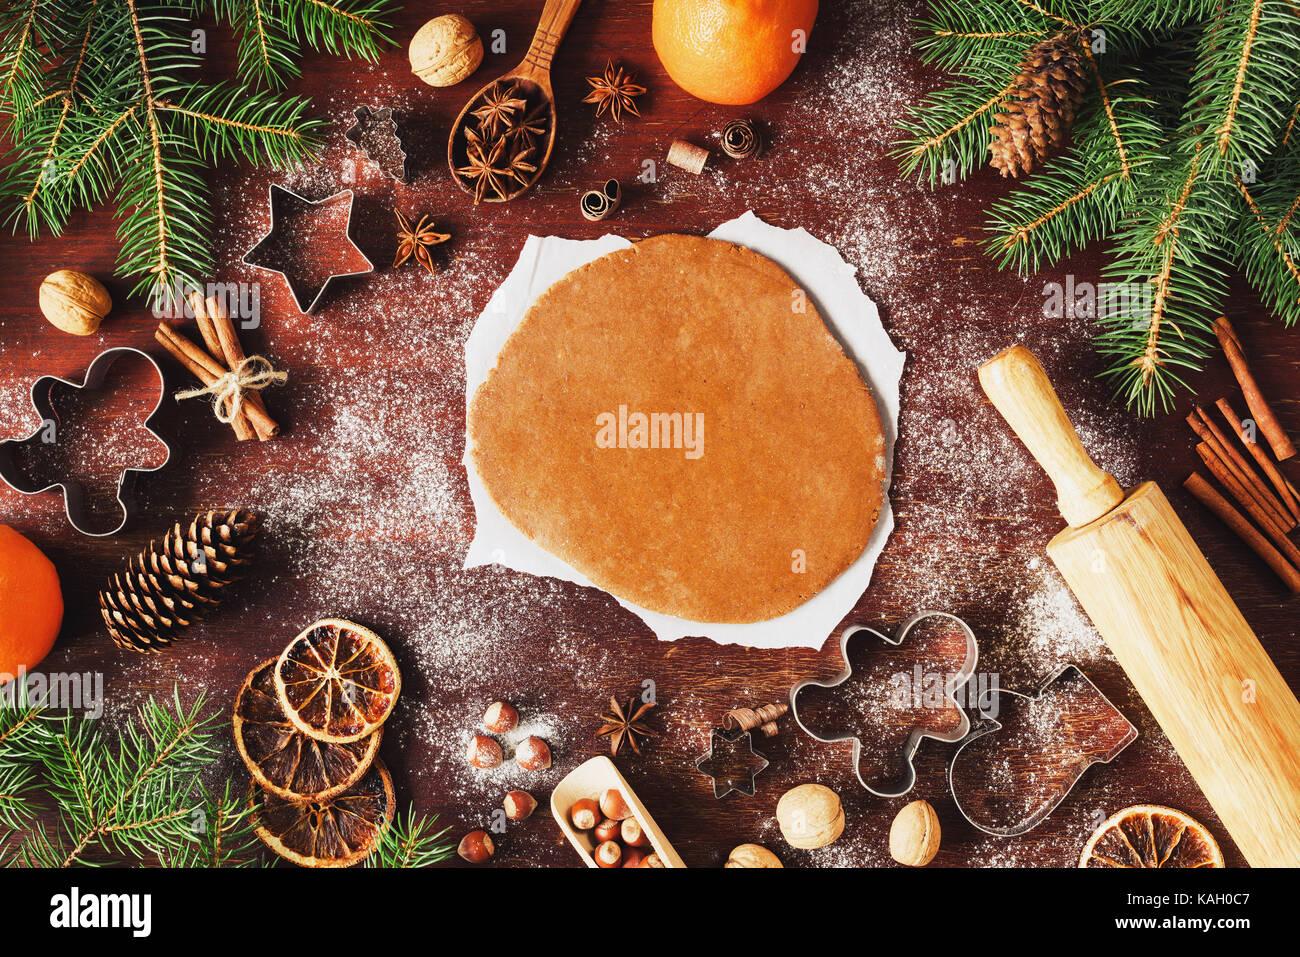 Gingerbread cookie pasta laminata sul tavolo con il natale e il Nuovo Anno decorazioni. cookie cutters, abete, pigne, Immagini Stock